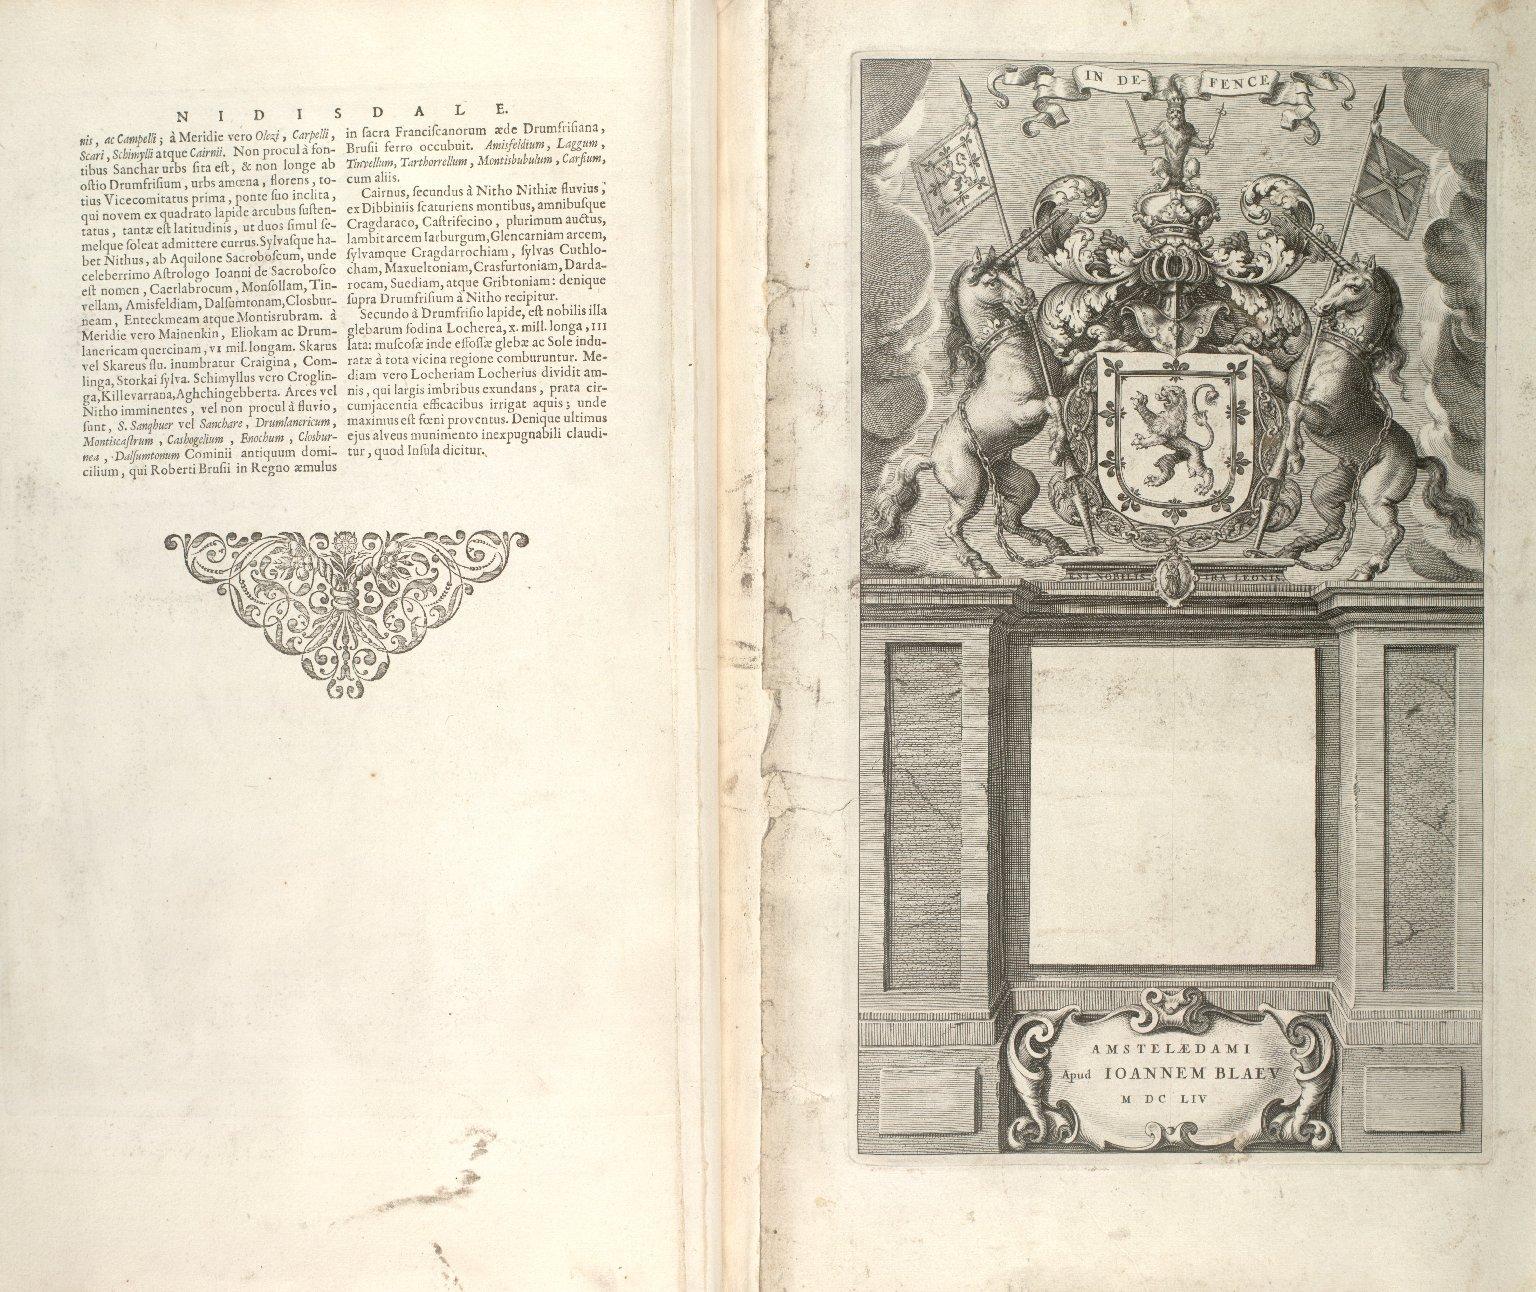 Geographiae Blavianae : volumen sextum, quo liber XII & XIII Europae continentur [1 of 1]